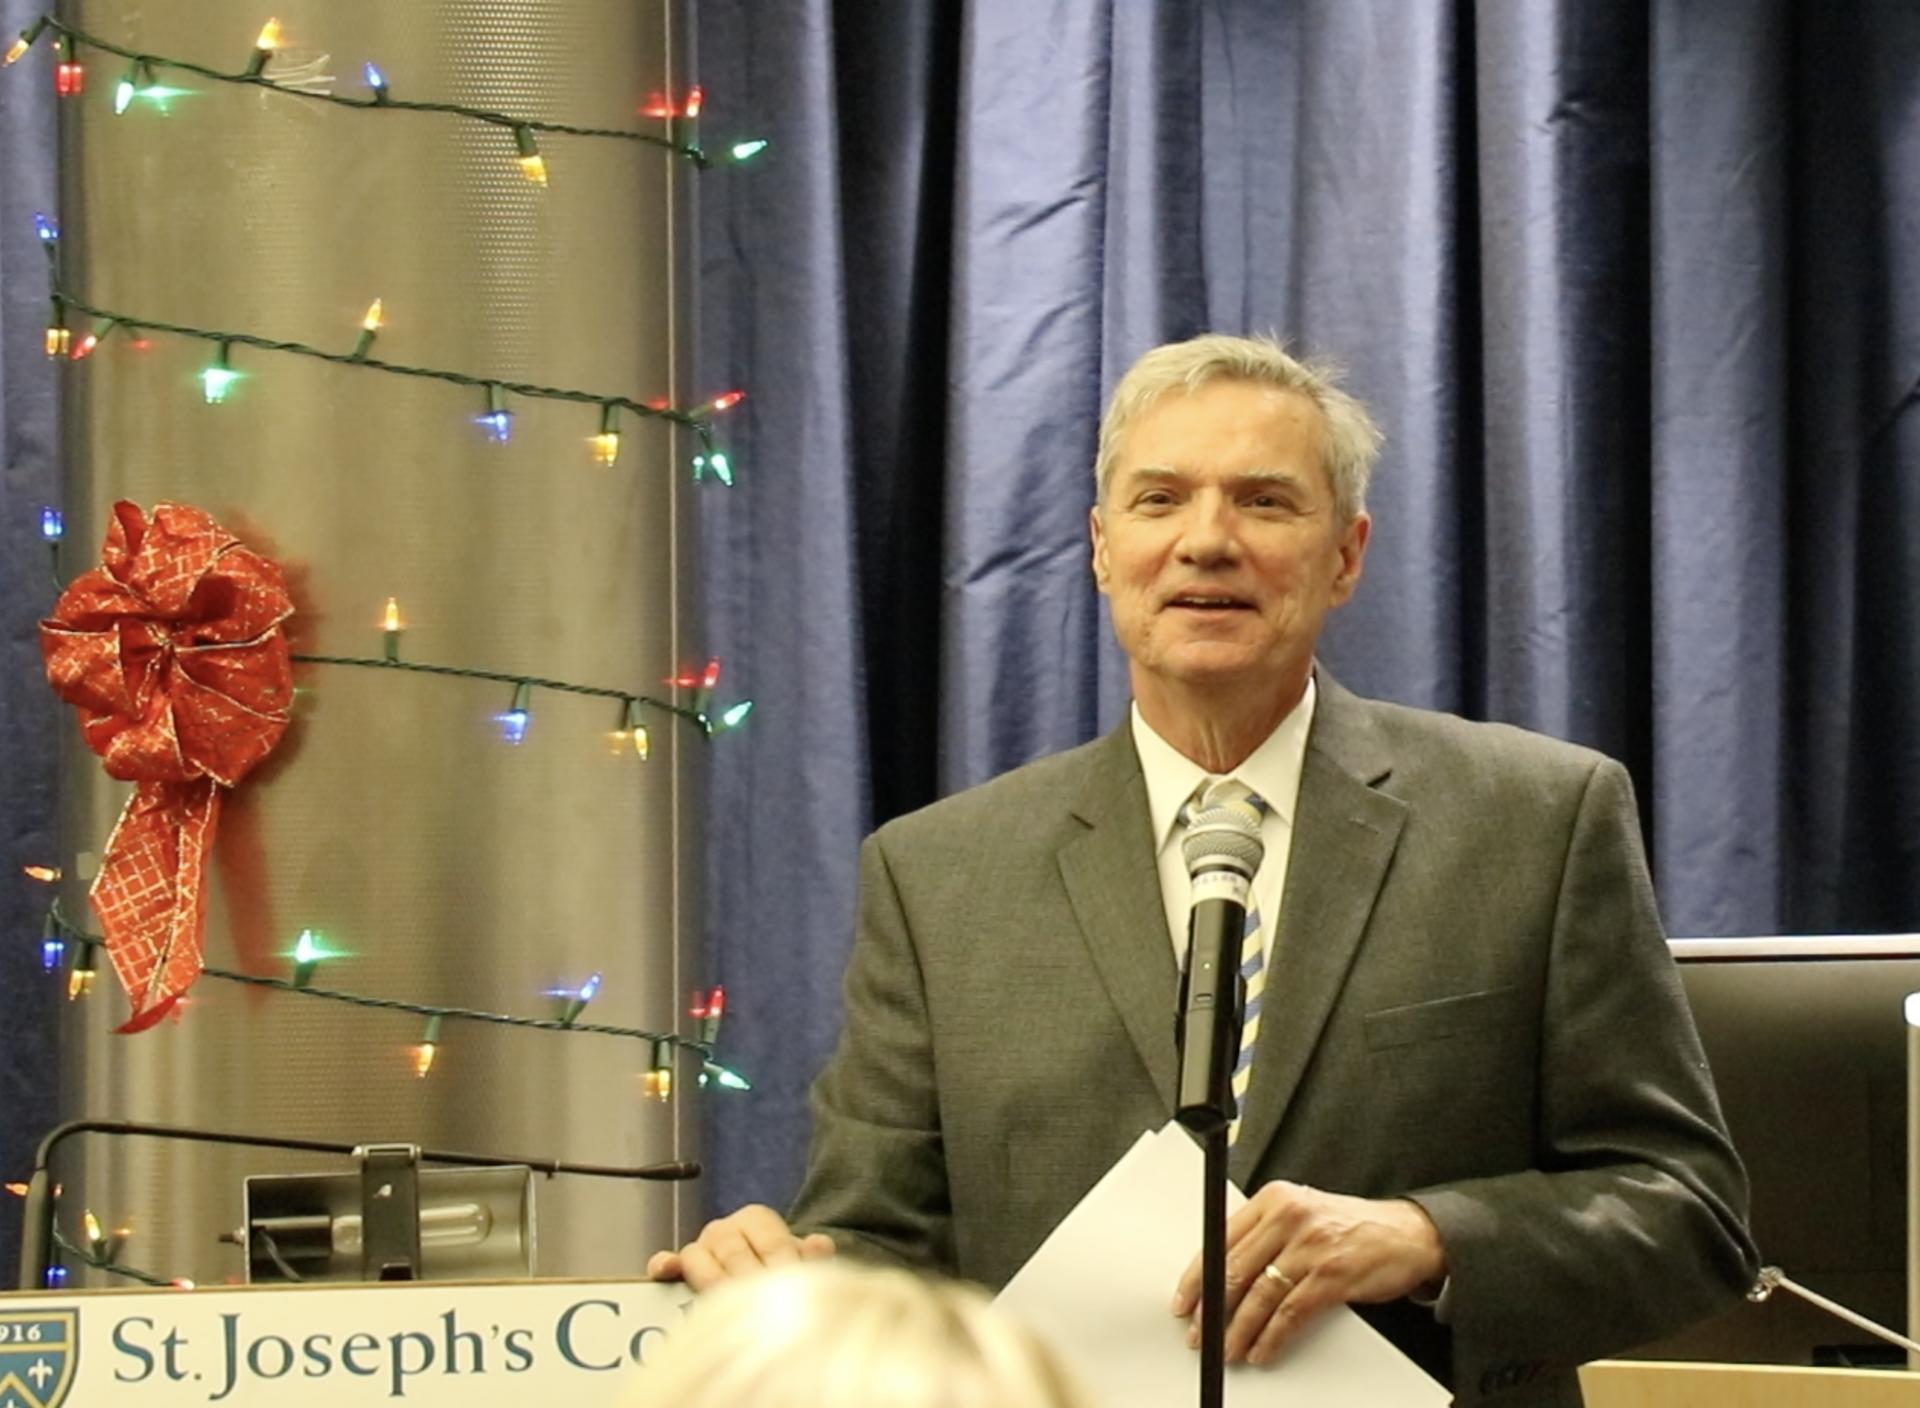 SJC President Dr. Boomgaarden.